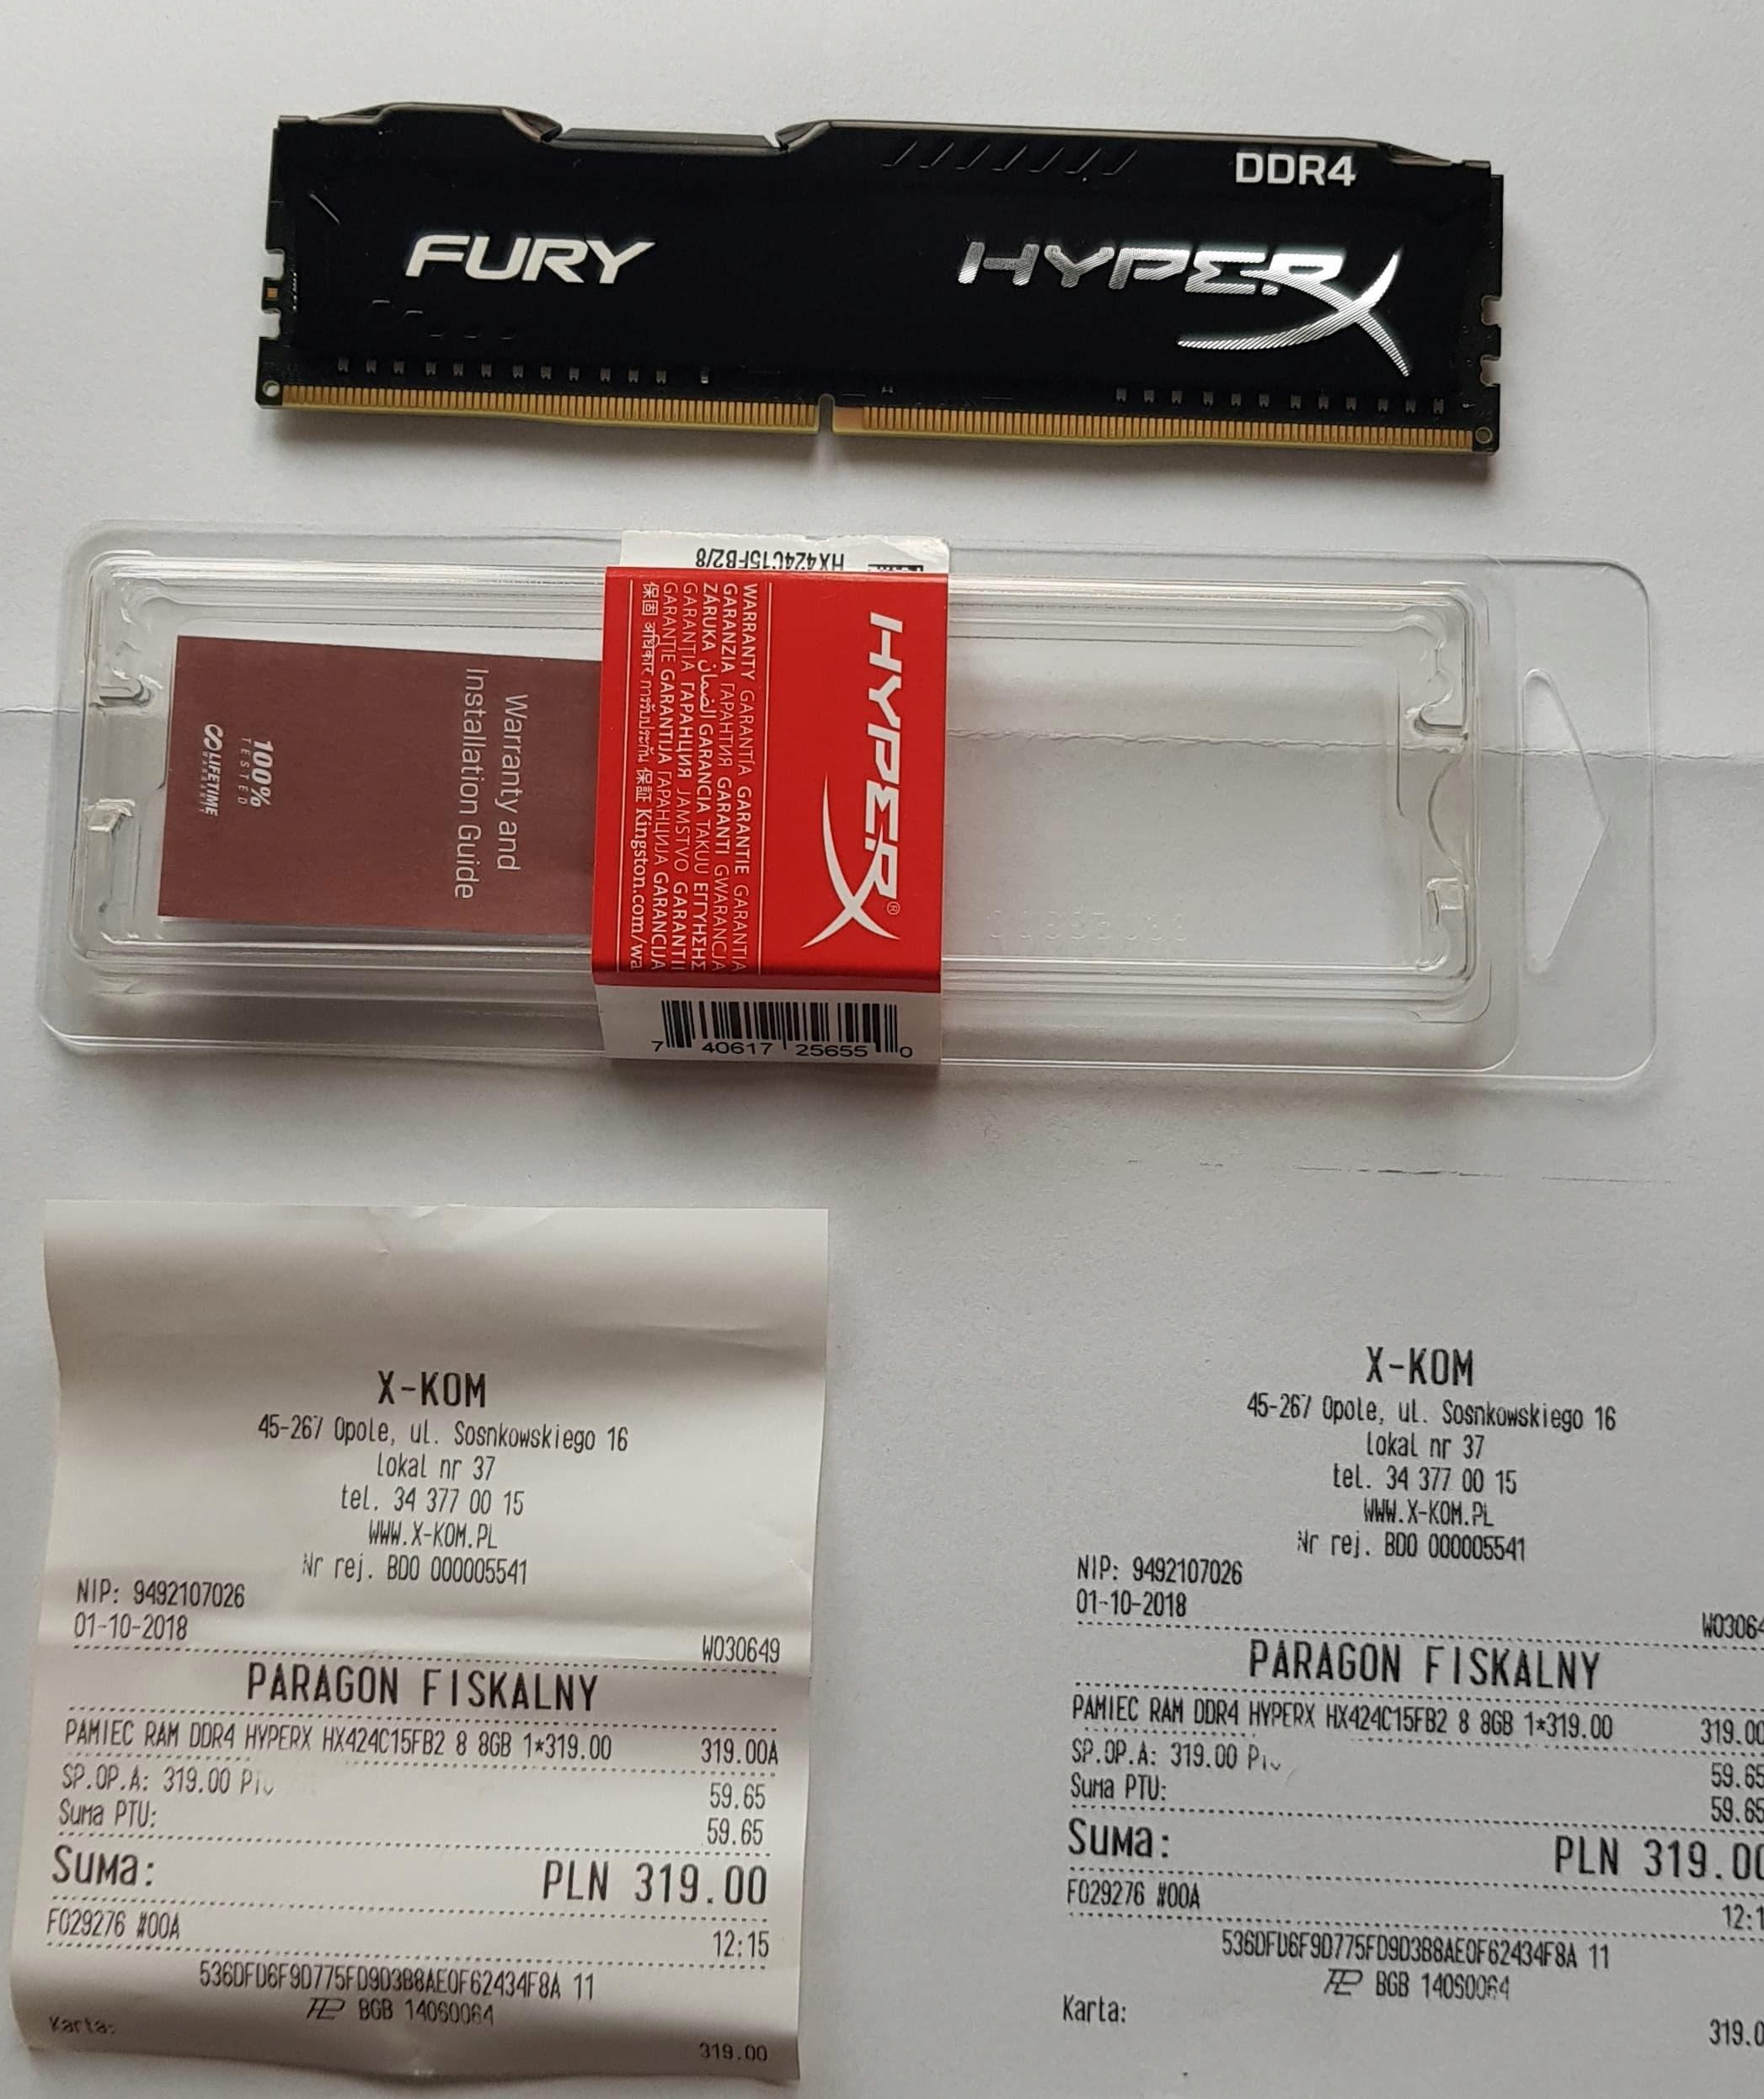 HyperX Fury, DDR4, 8 GB,2400MHz, CL15 HX424C15FB/8